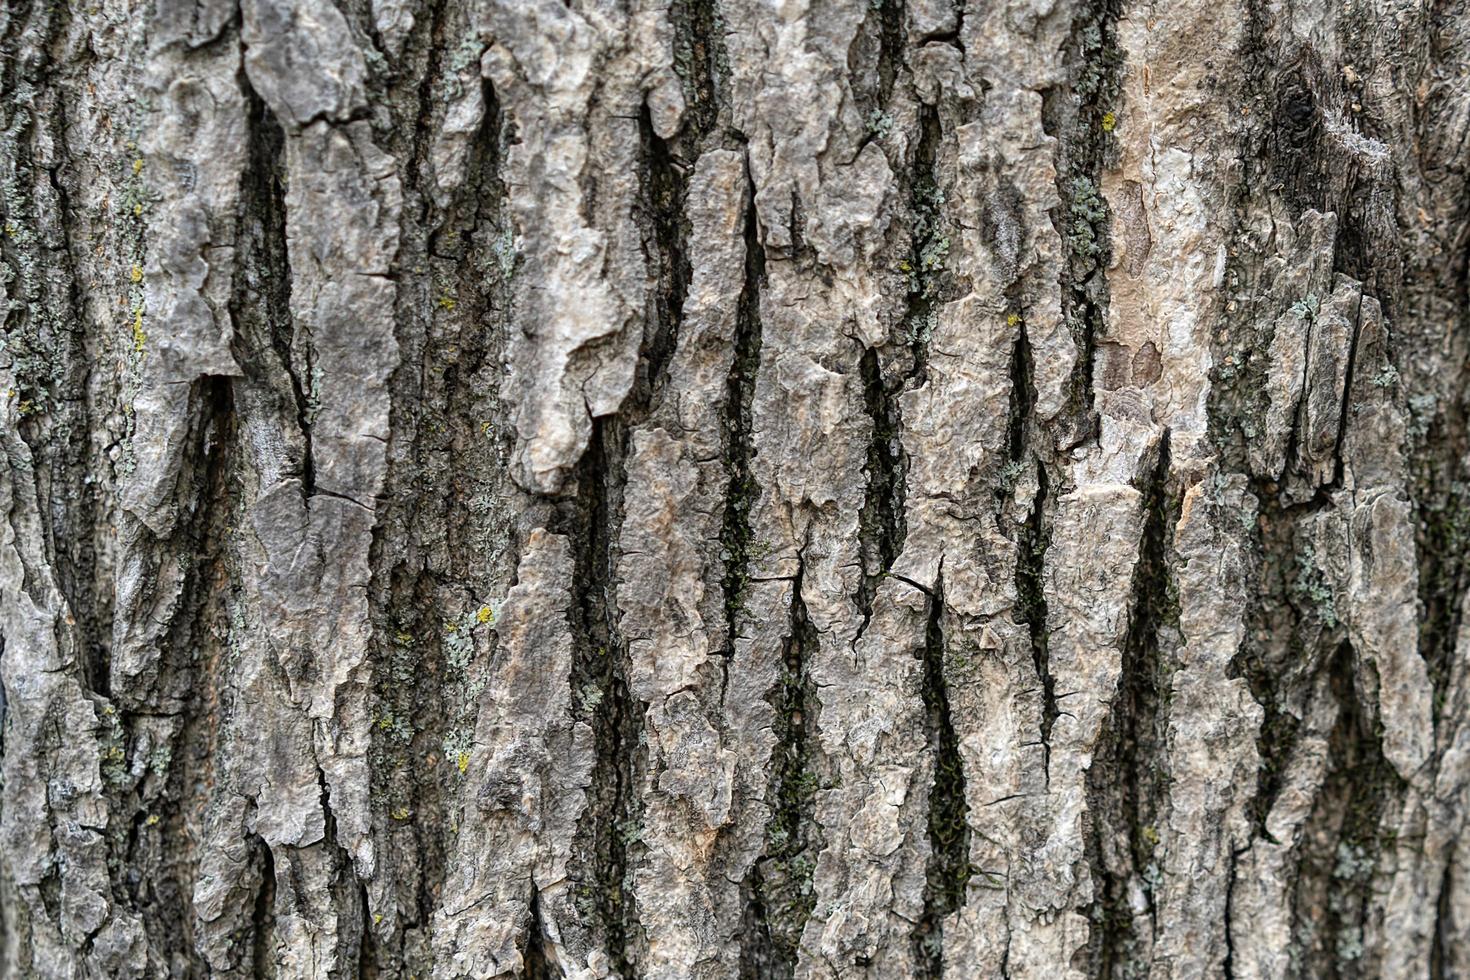 naturlig bakgrund med trädbarkstruktur. foto